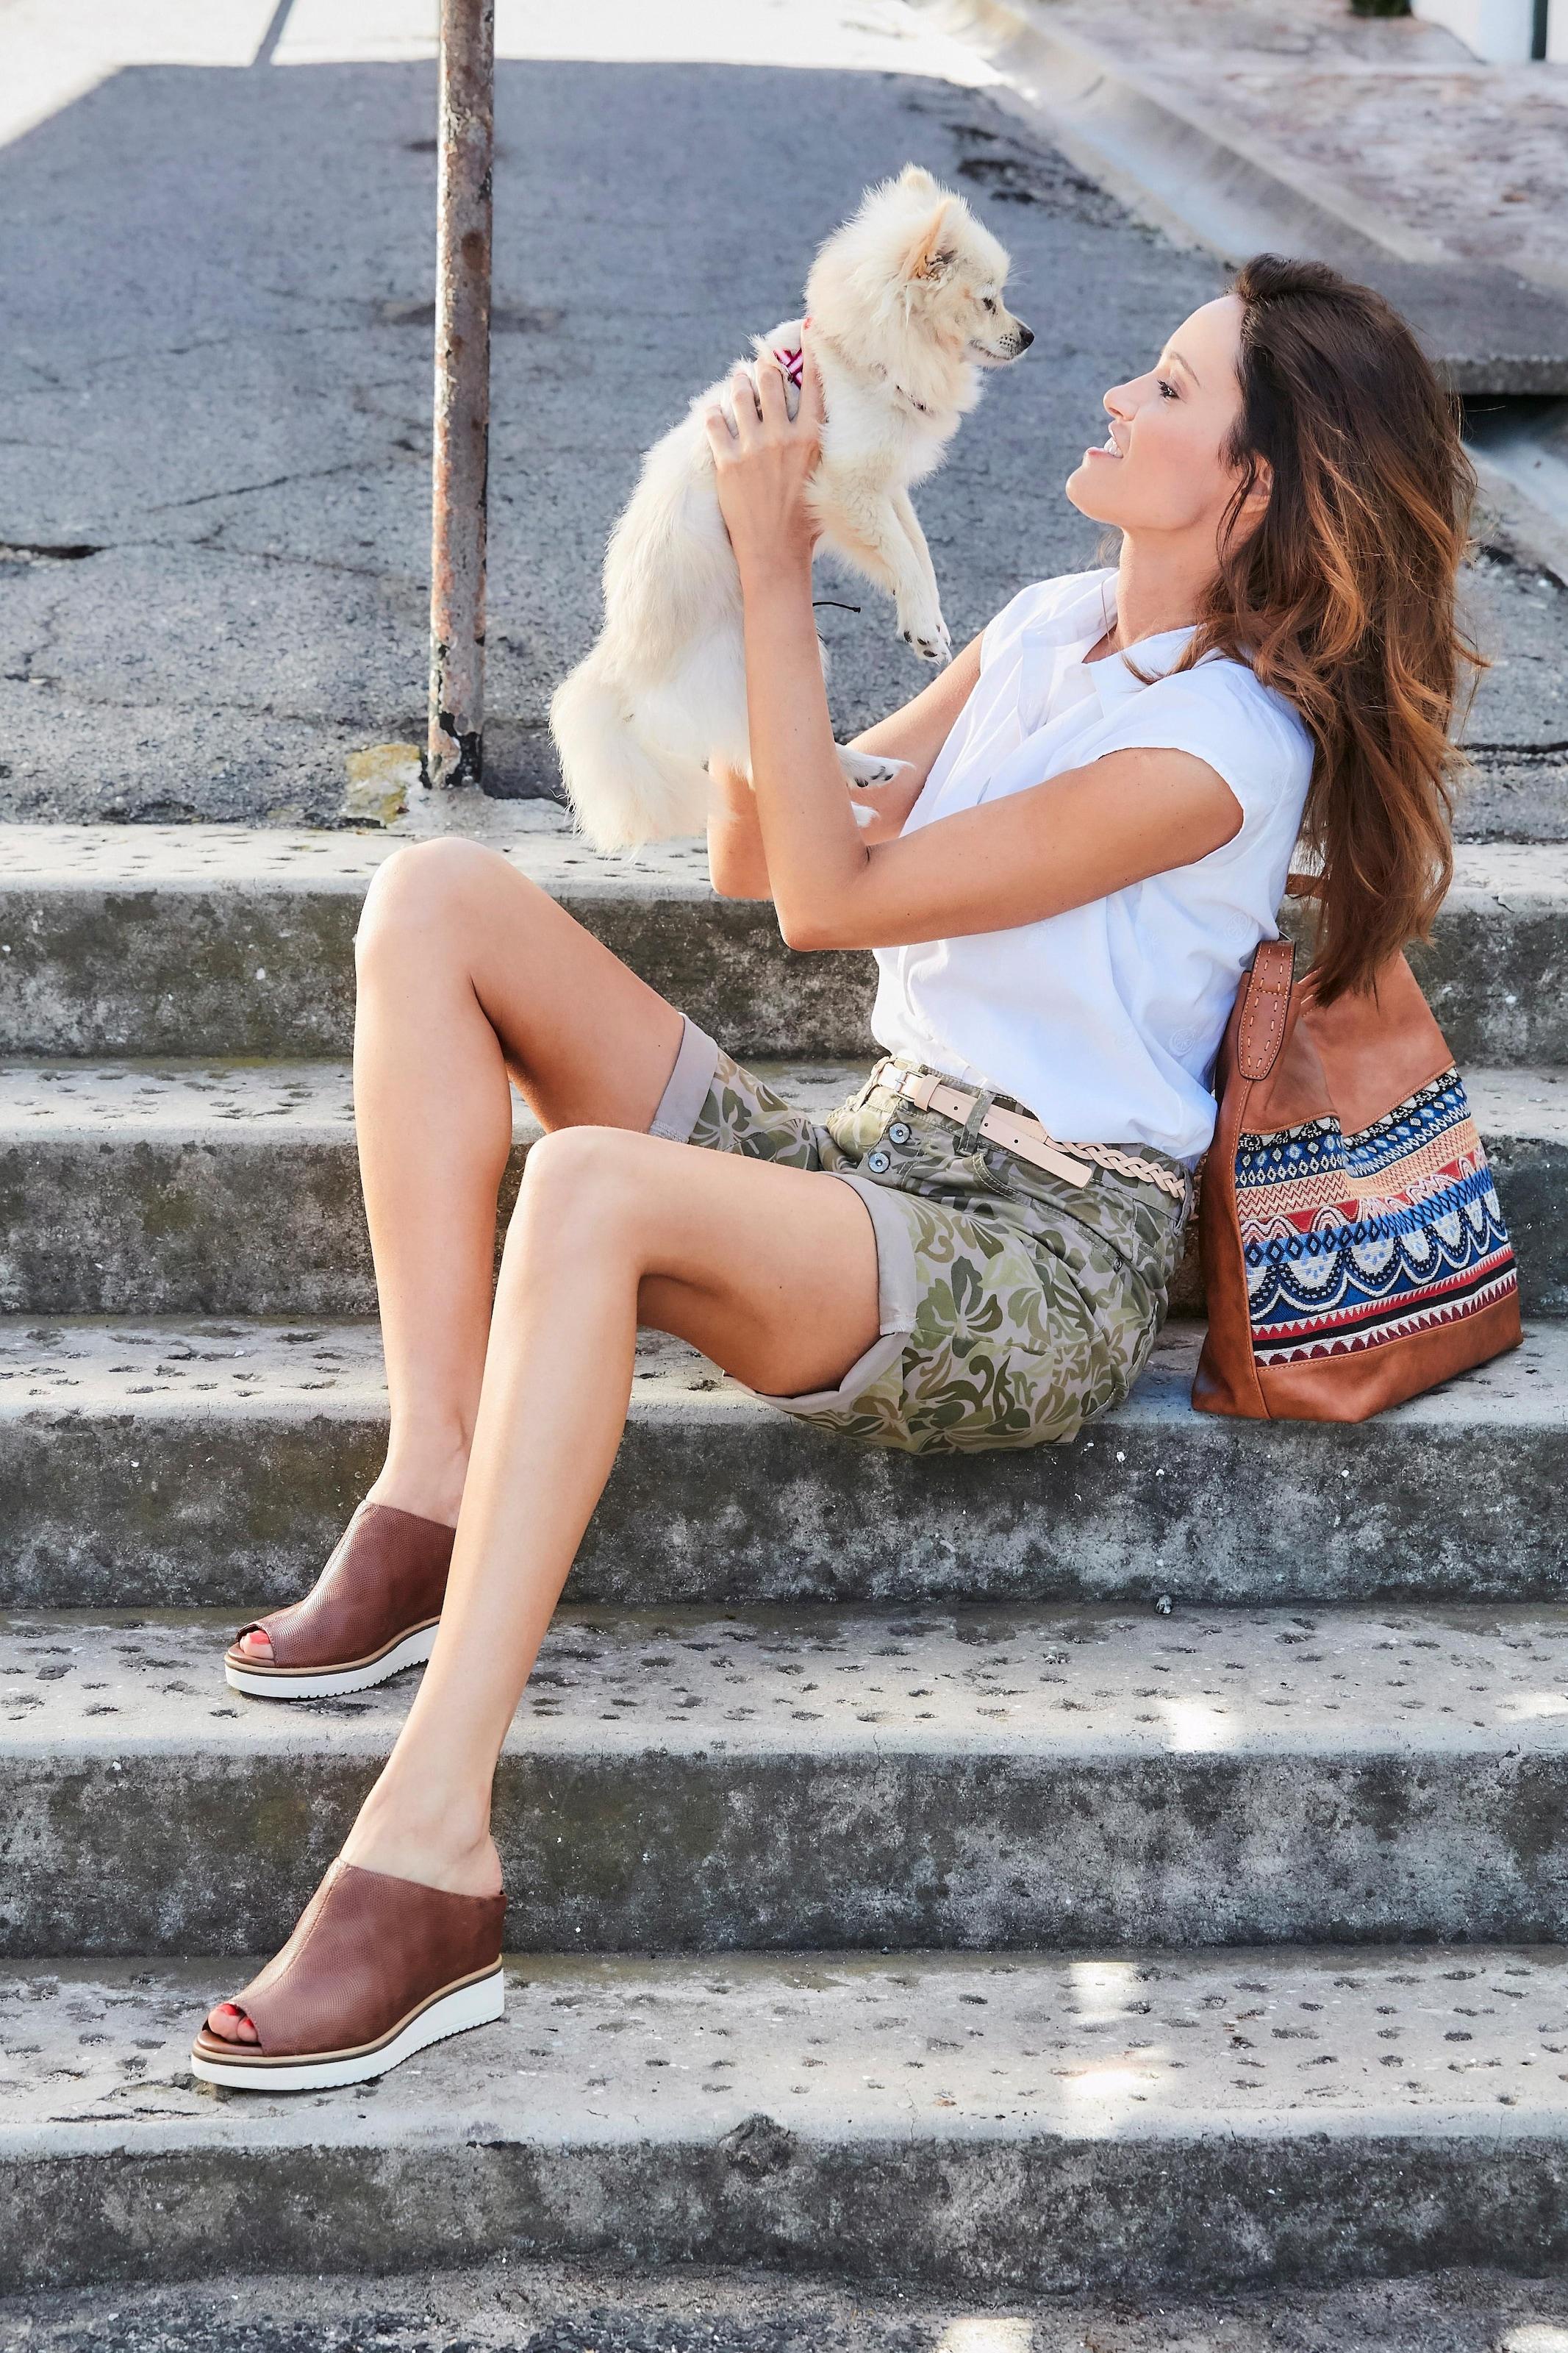 Tamaris Pantolette  online es kaufen | Gutes Preis-Leistungs-Verhältnis, es online lohnt sich,Trend-2554 509a45